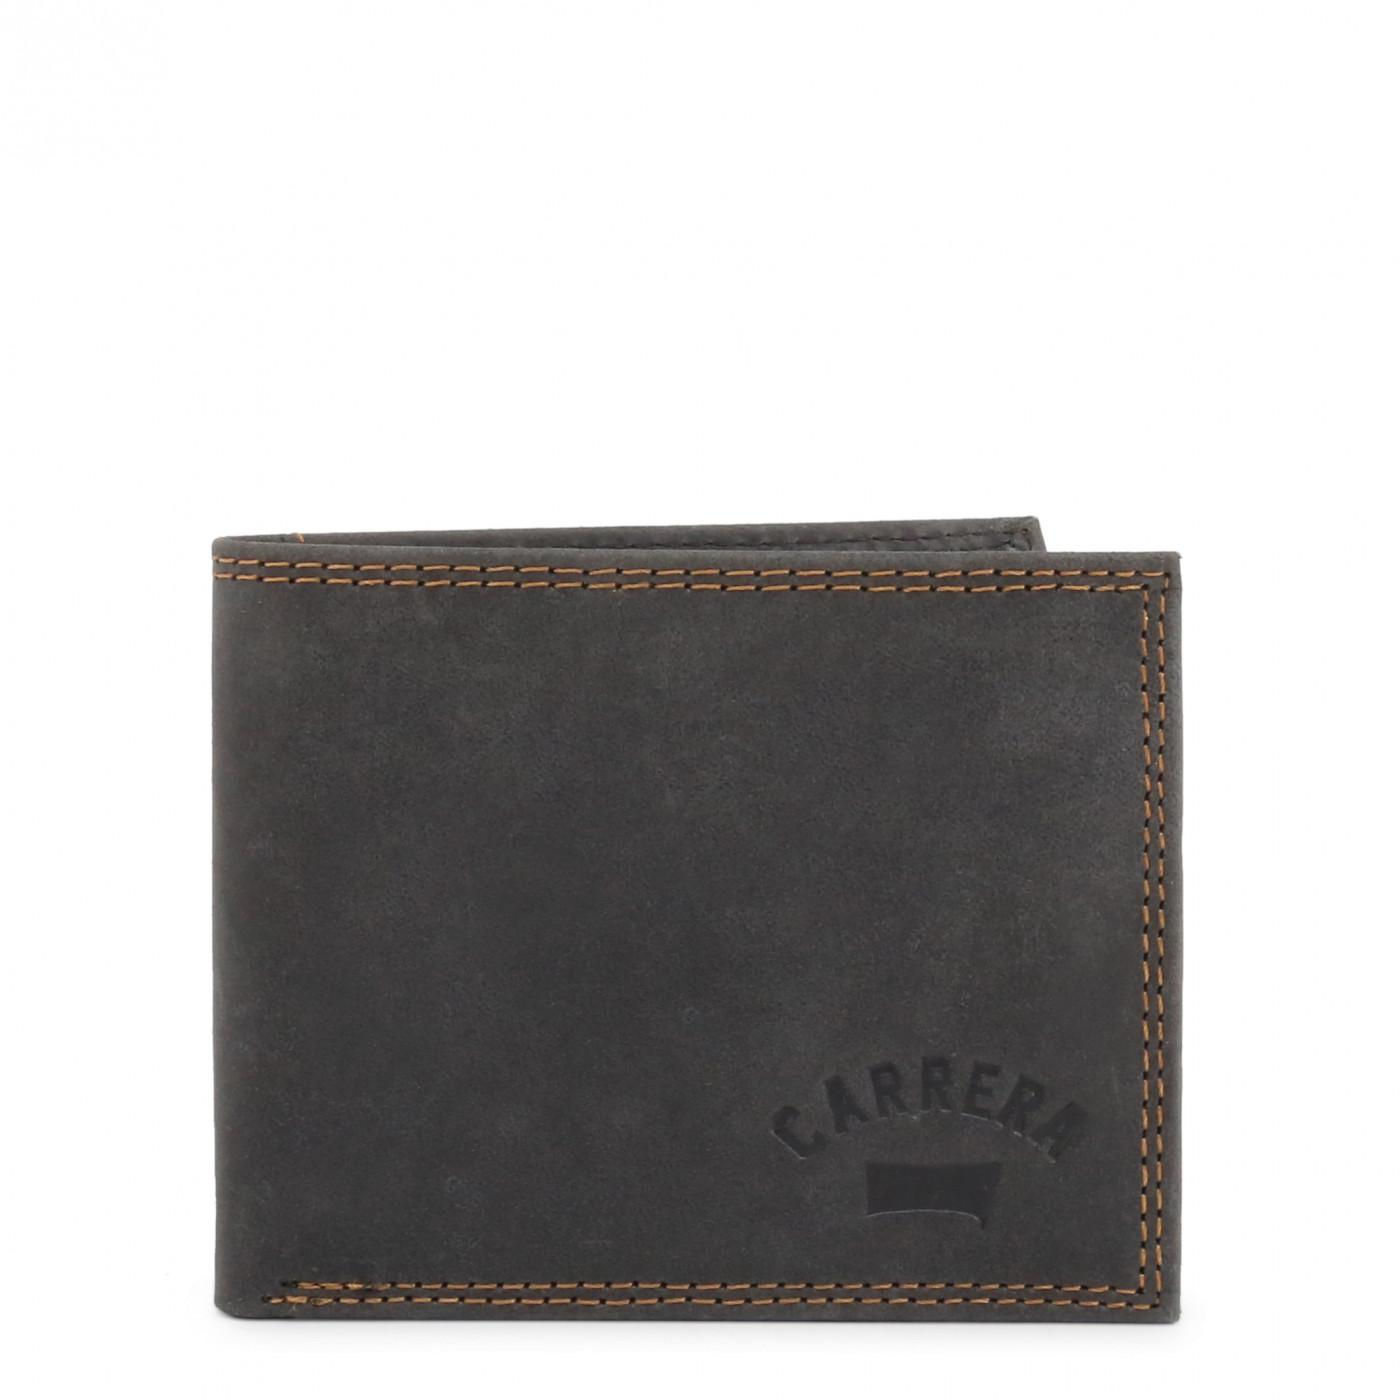 Carrera Jeans CB2922B